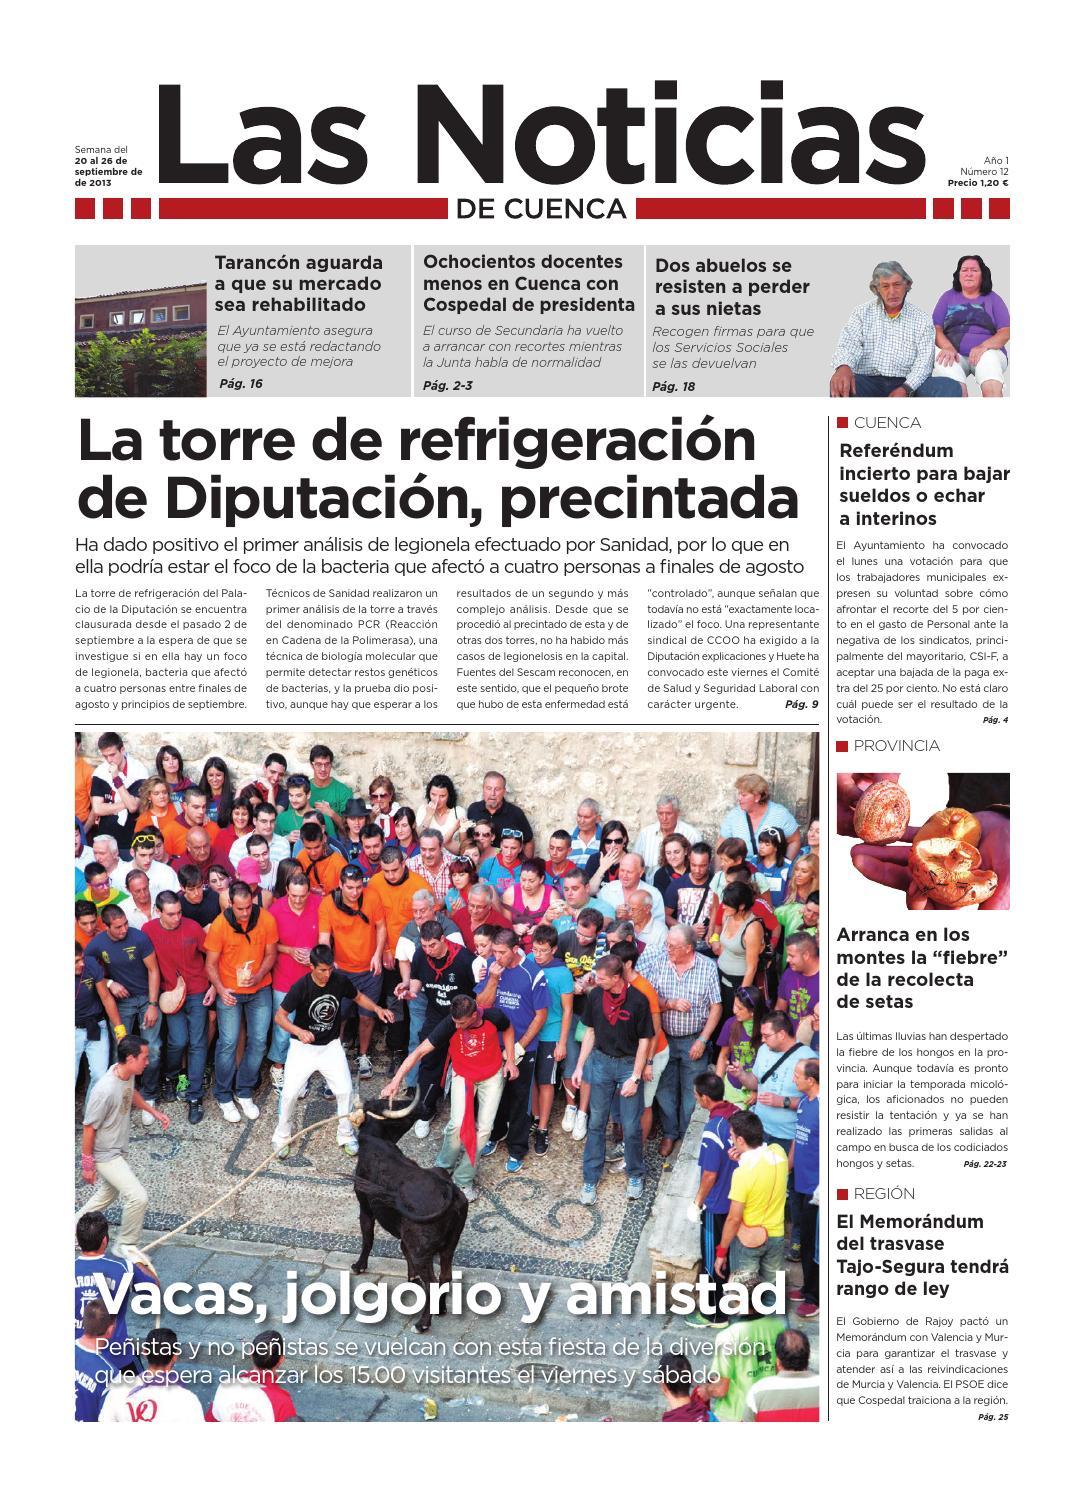 Las Noticias, número 12 by Las Noticias de Cuenca - issuu